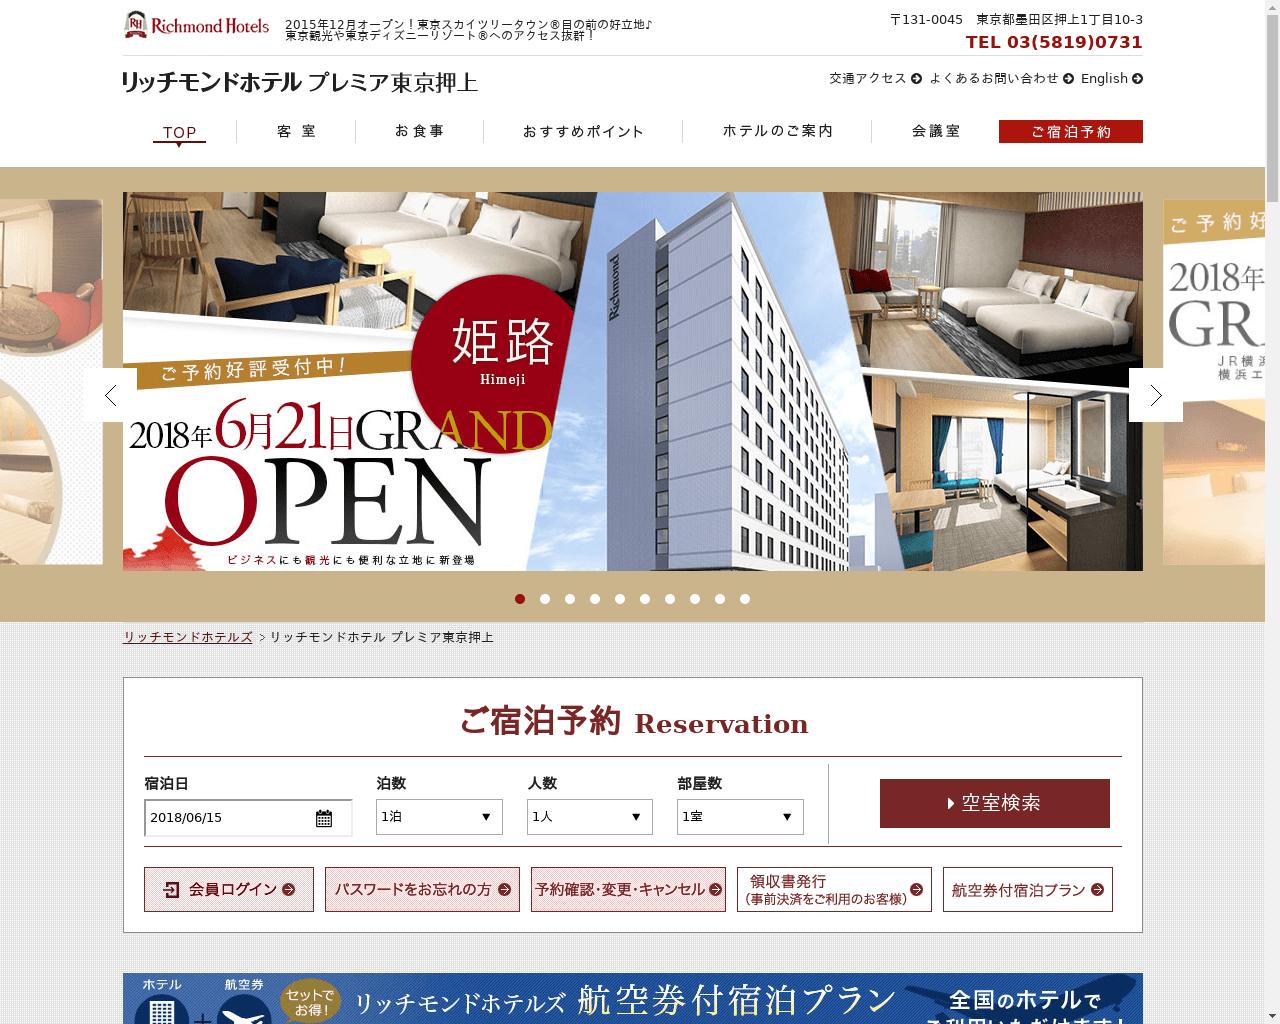 リッチモンドホテルプレミア東京押上